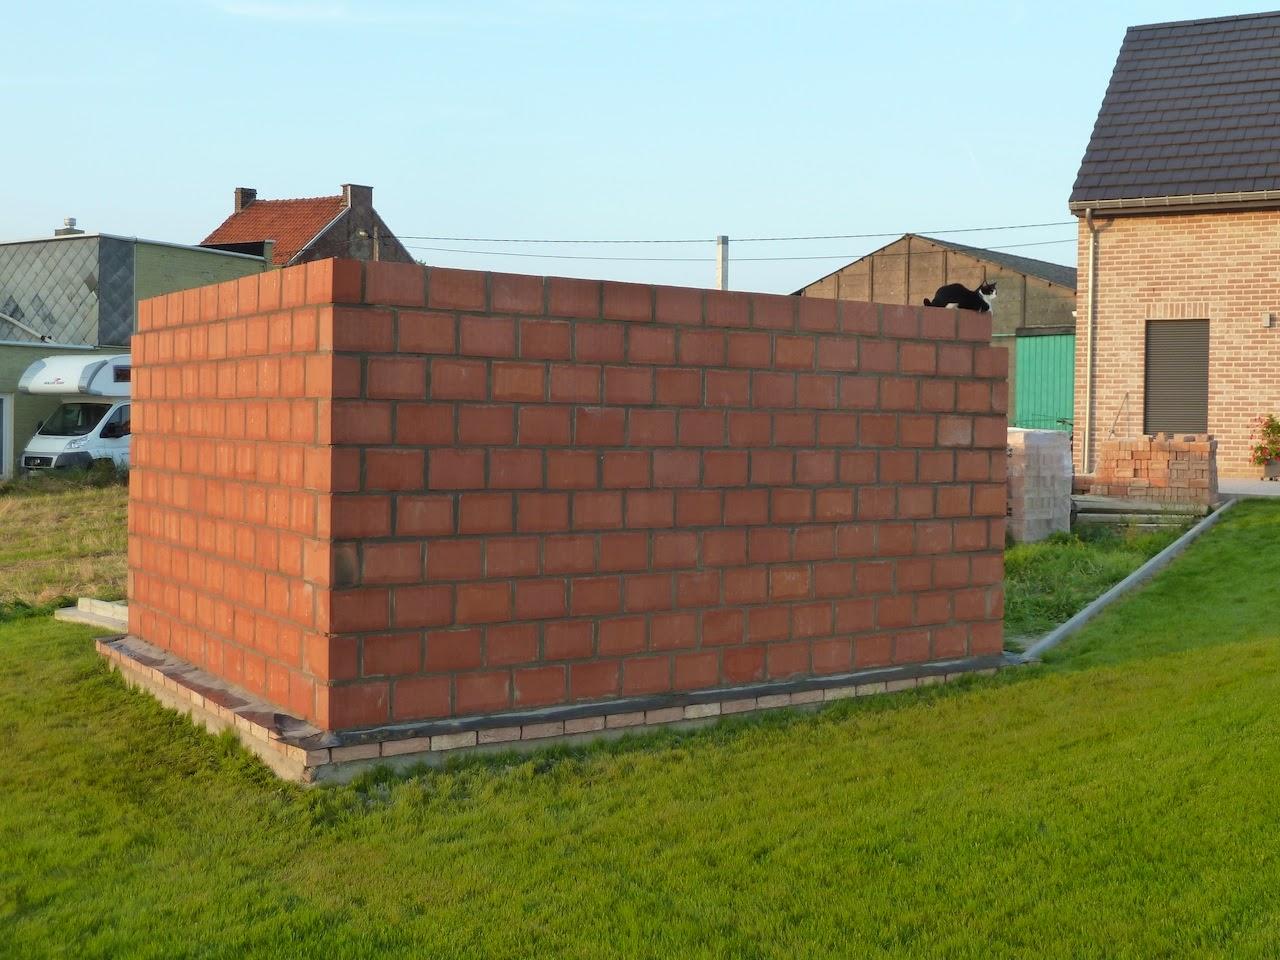 la construction de notre maison l 39 abri de jardin 1. Black Bedroom Furniture Sets. Home Design Ideas